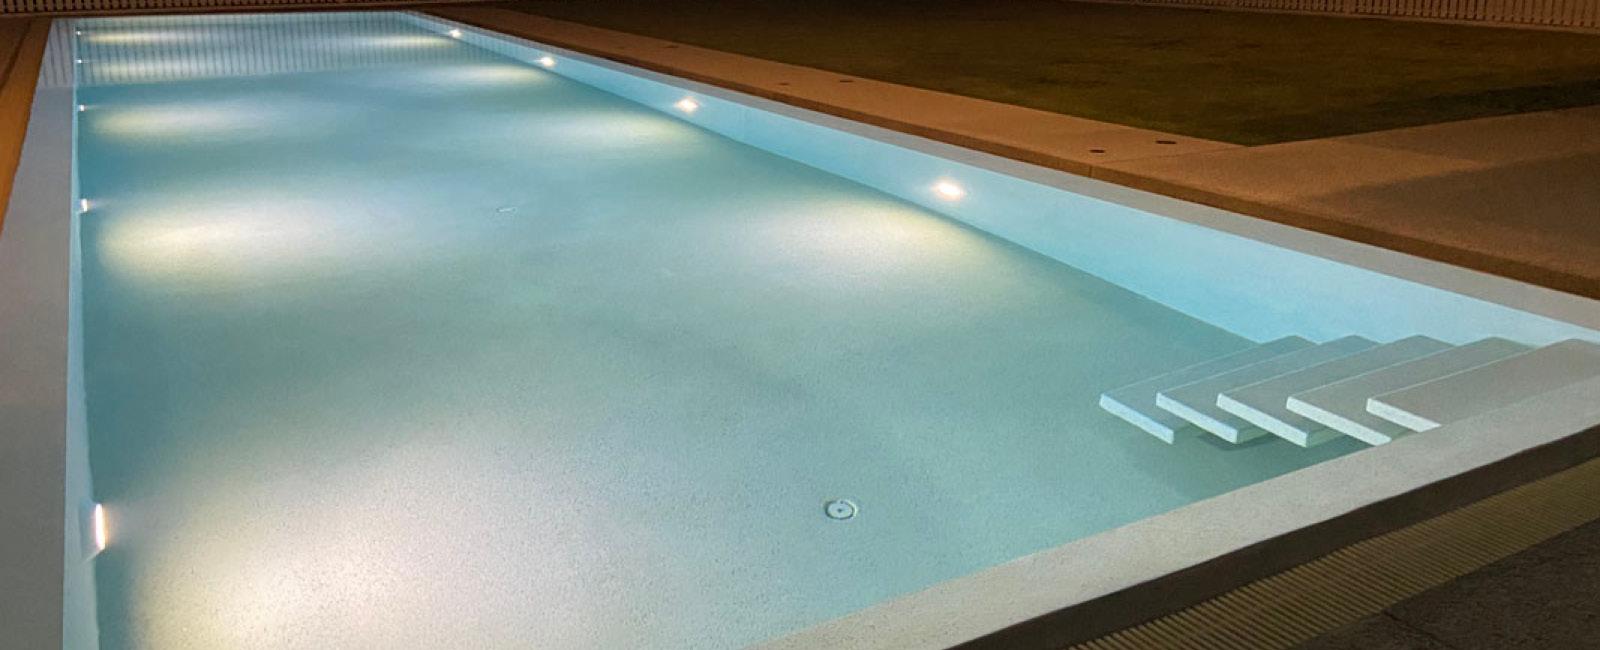 Paradise Pool Interiors Sliders 8